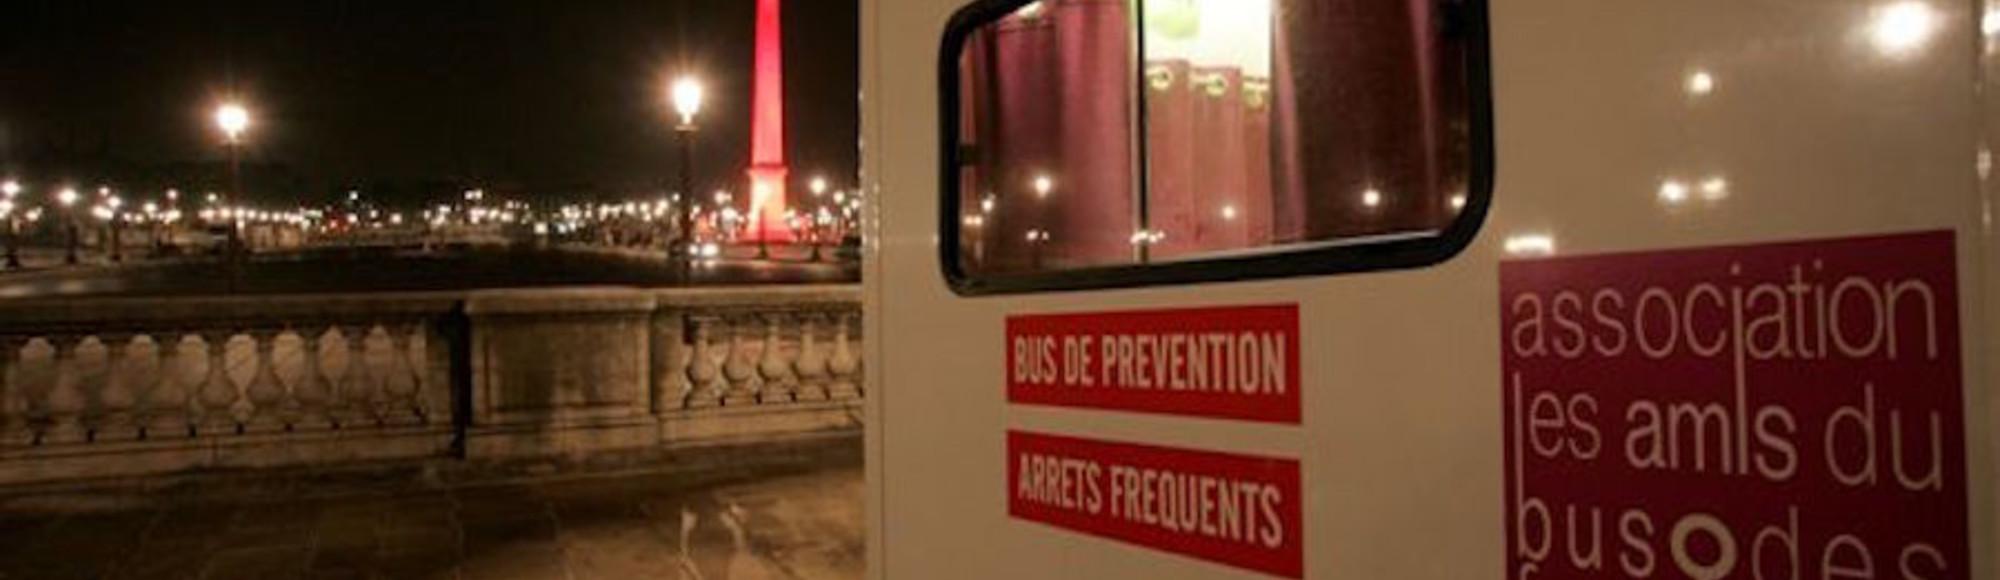 Как розово-белый автобус защищает секс-работниц в Париже